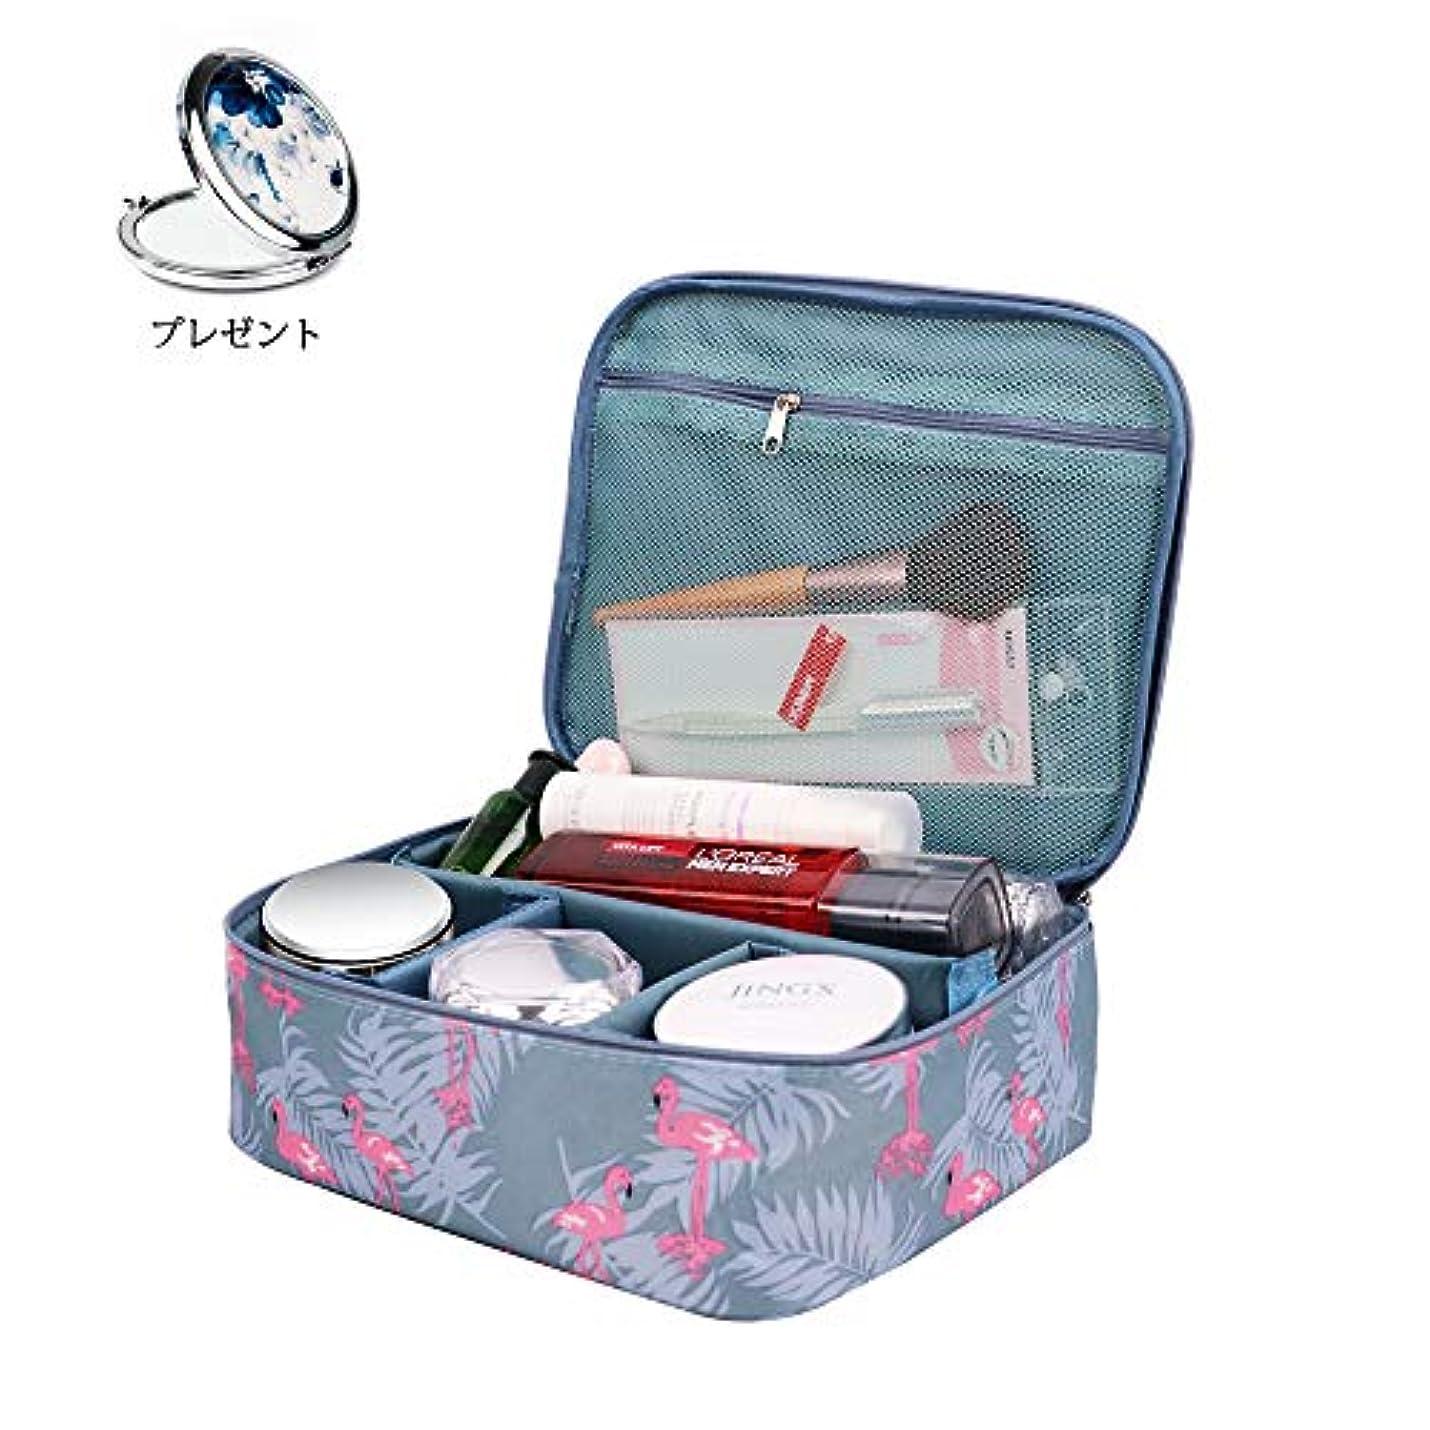 メンバー調整バランスのとれたメイクボックス 化粧ポーチ メイクブラシバッグ 収納ケース 持ちやすい トラベルバッグ 化粧バッグ 化粧道具 小物入れ 旅行 Ailemi(フラミンゴ)